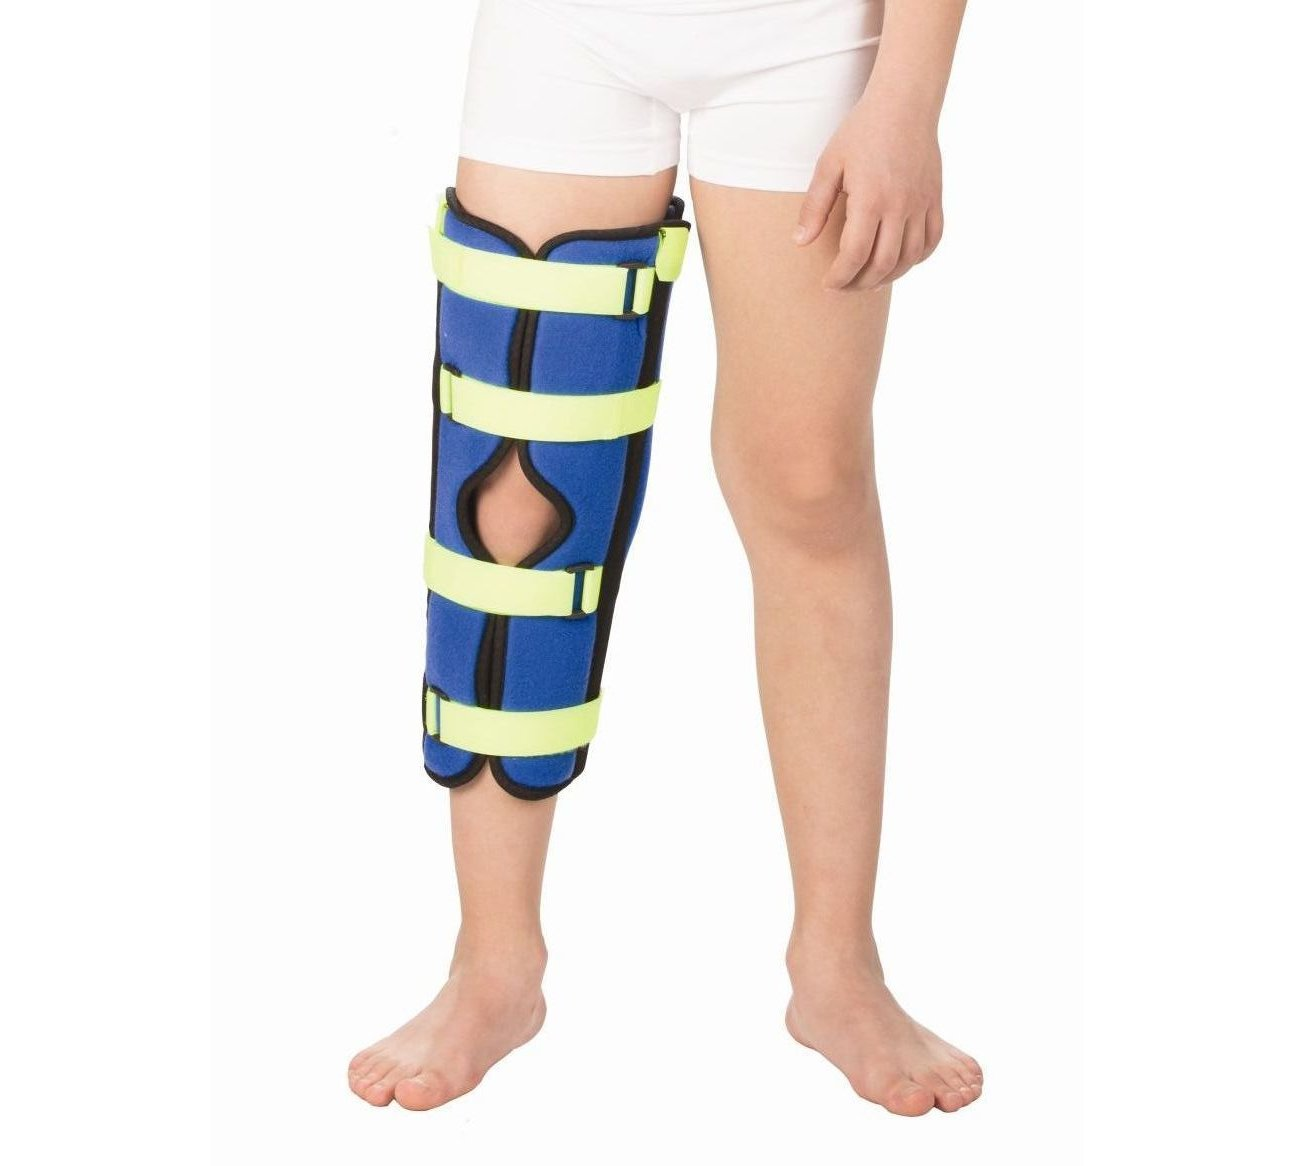 Тутор на коленный сустав детский купить лечение суставов янтарем